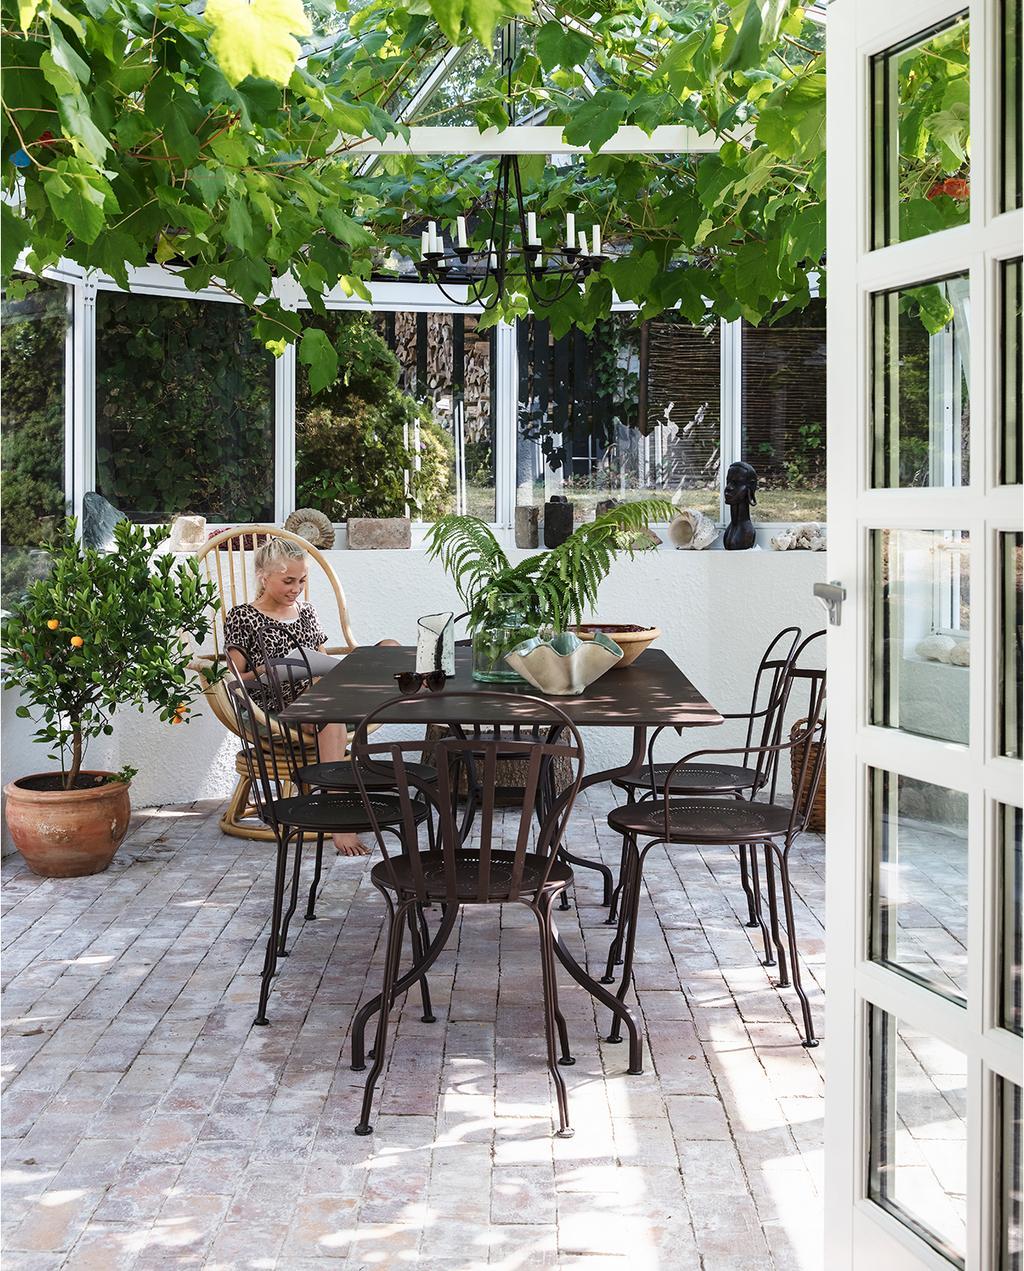 vtwonen tuin special 1-2020 | glazen serre met eetkamer set stalen stoelen